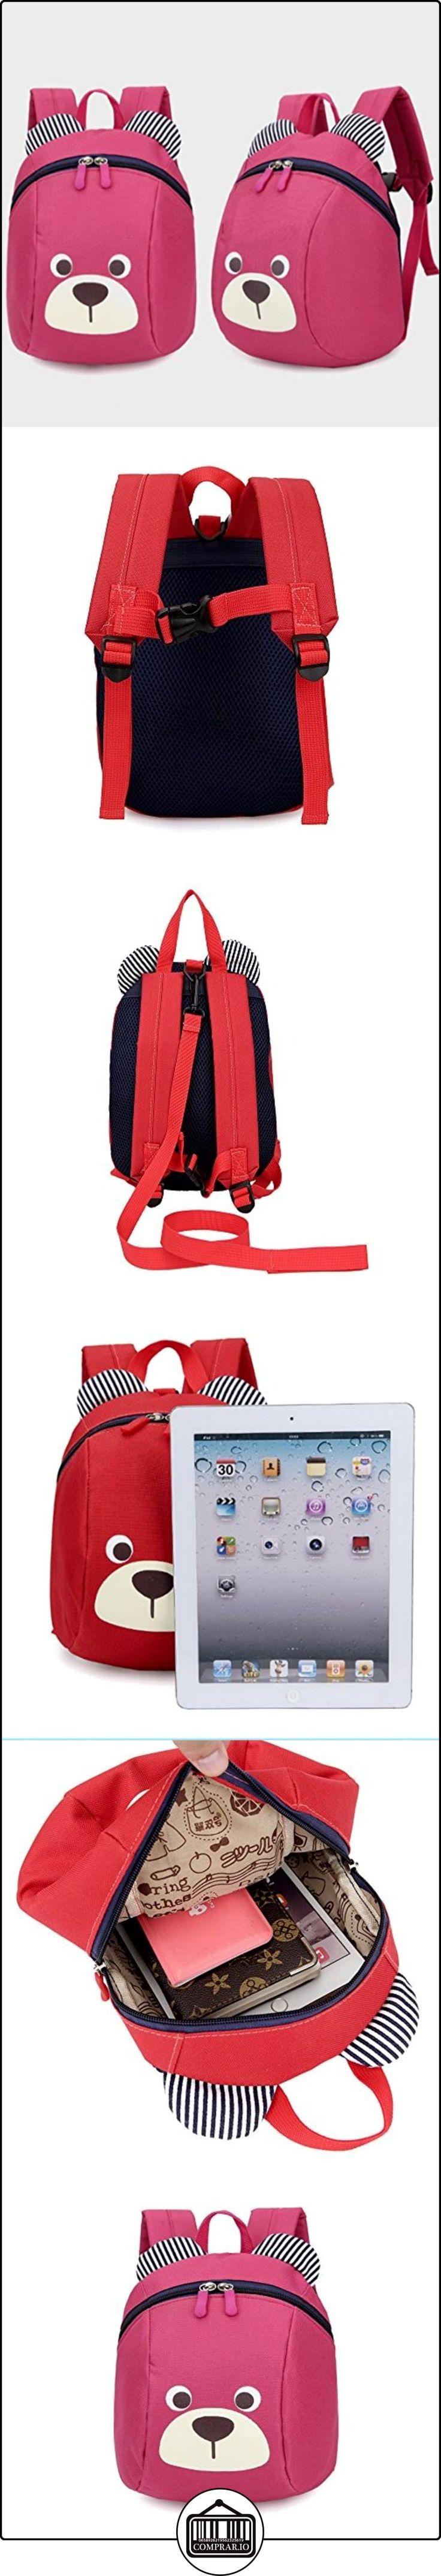 xytmy niños pequeños bebé anti-lost senderismo seguridad correa mochila oso para menores de 5años de edad niños.  ✿ Seguridad para tu bebé - (Protege a tus hijos) ✿ ▬► Ver oferta: http://comprar.io/goto/B06XFVK4Y8